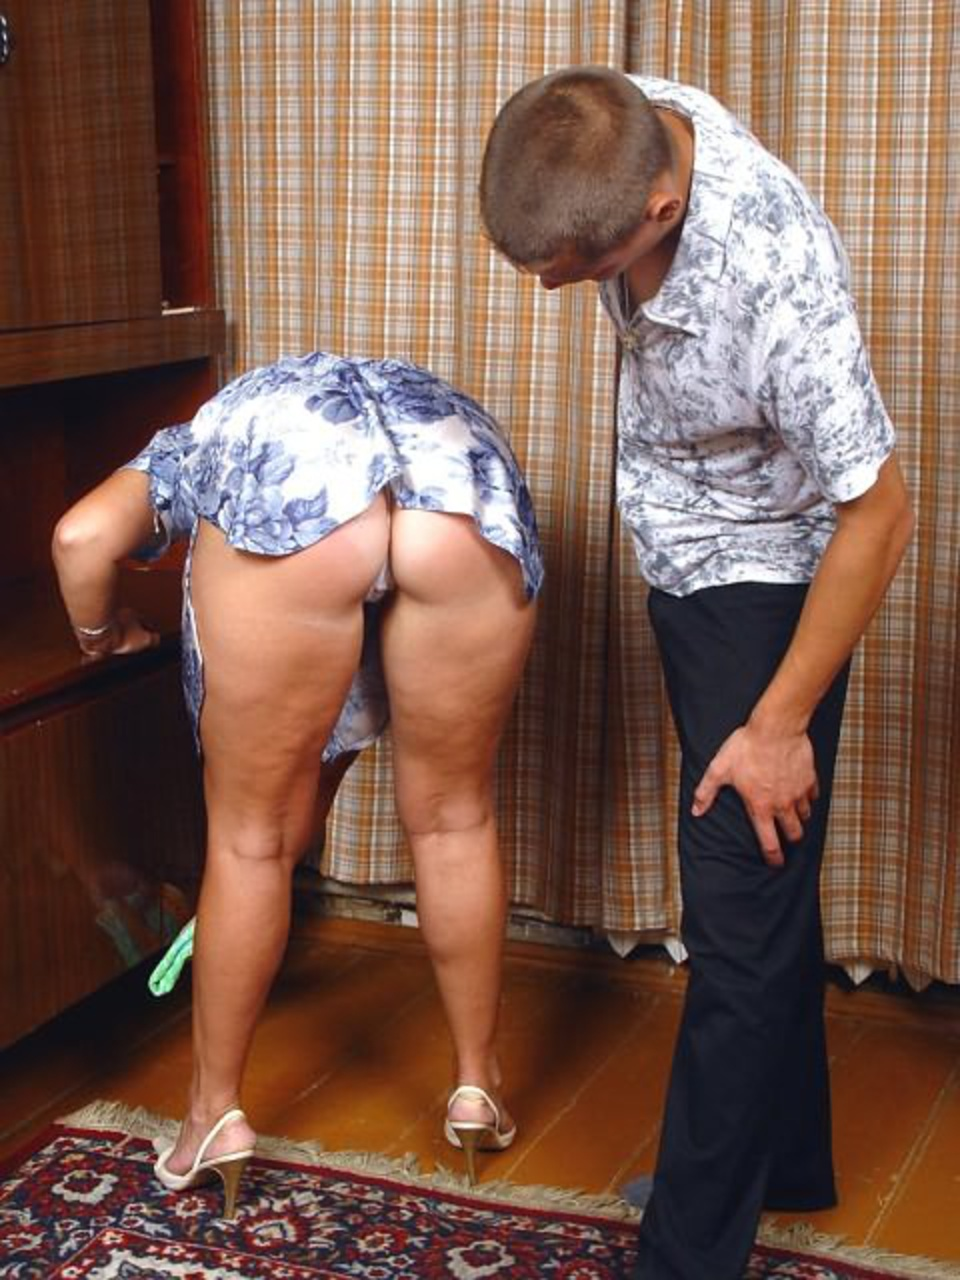 встал толстая тетка нагнулась и задрала юбку интересом следила